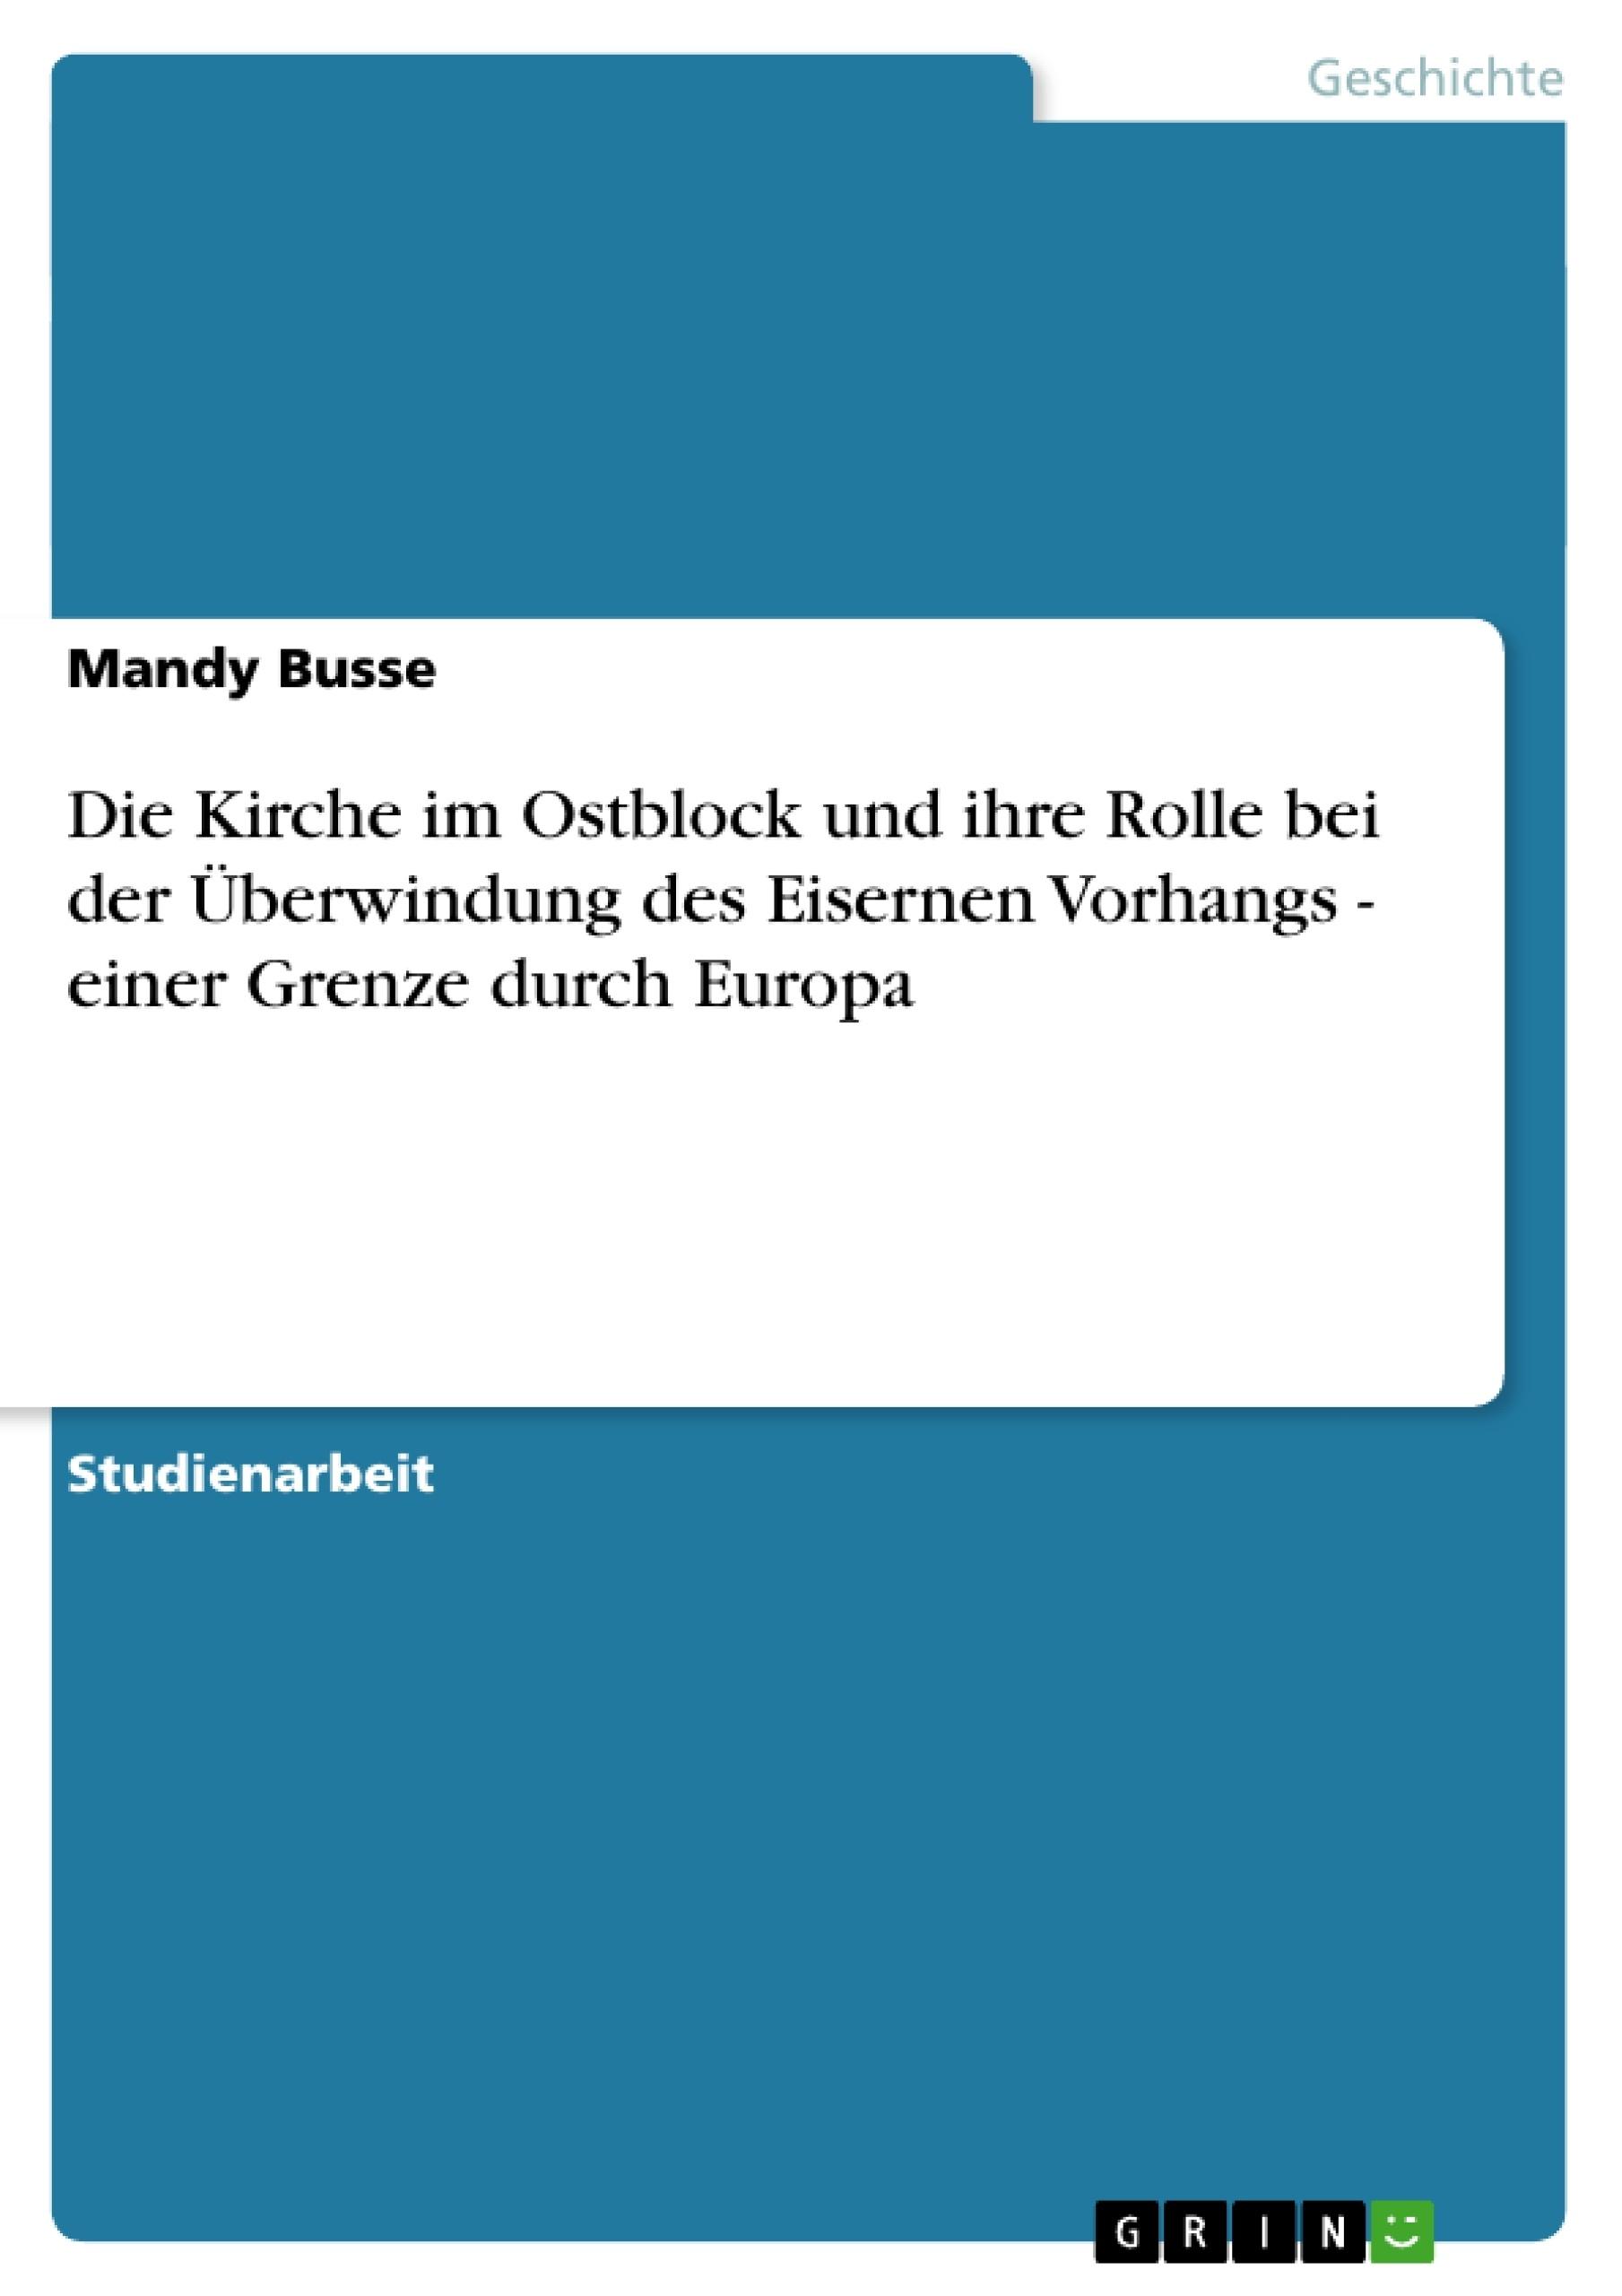 Titel: Die Kirche im Ostblock und ihre Rolle bei der Überwindung des Eisernen Vorhangs - einer Grenze durch Europa